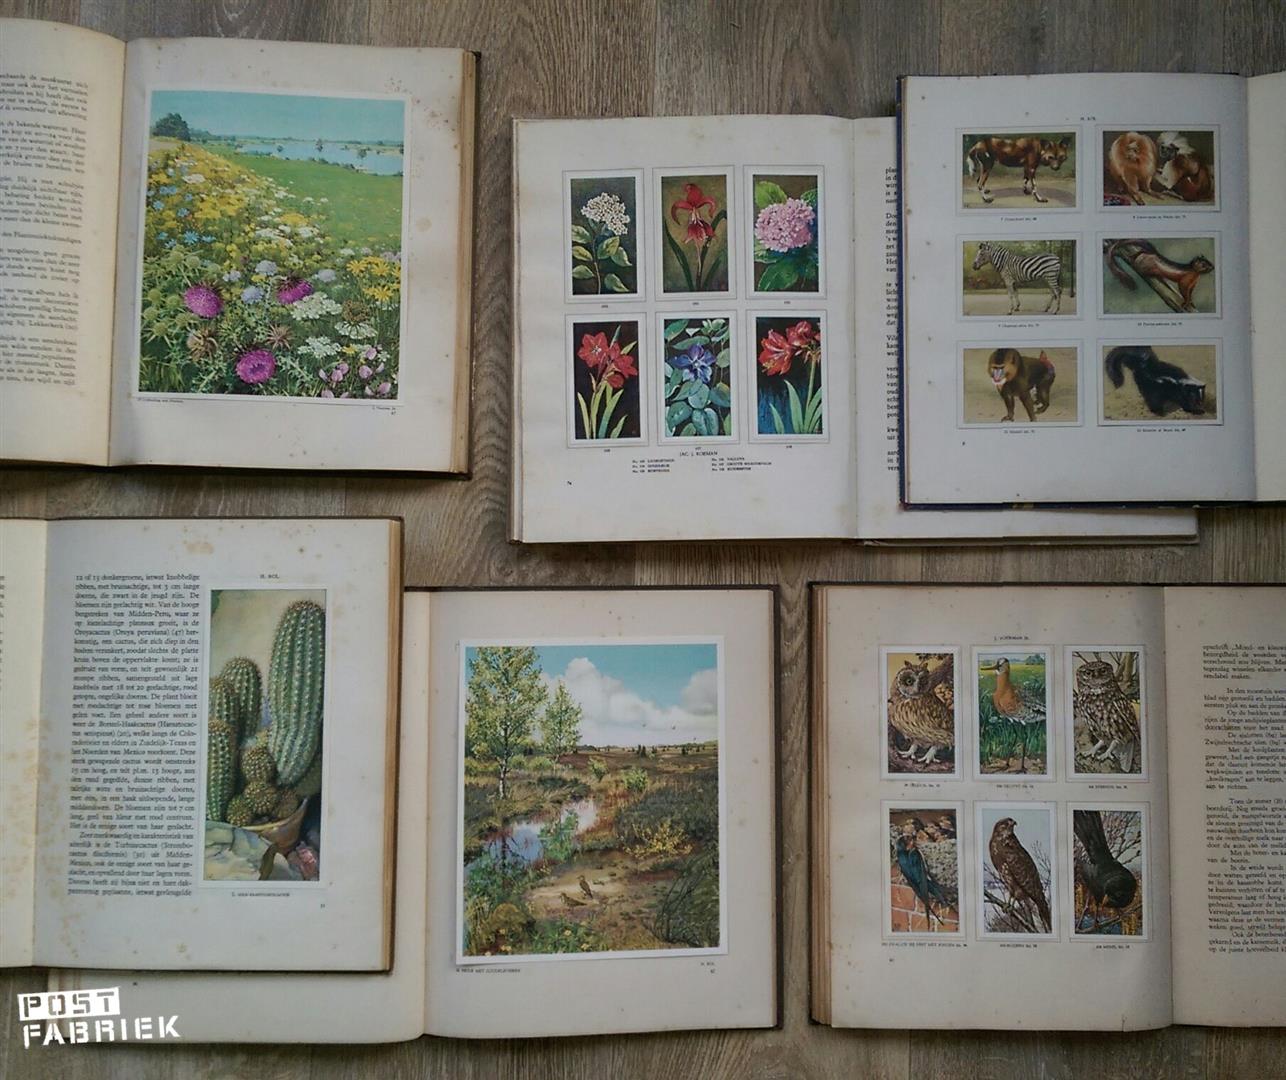 Van links naar rechts: Groote Rivieren, Kamerplanten, Dierenleven in Artis, Cactussen, Waar Wij Leven en Boerdery